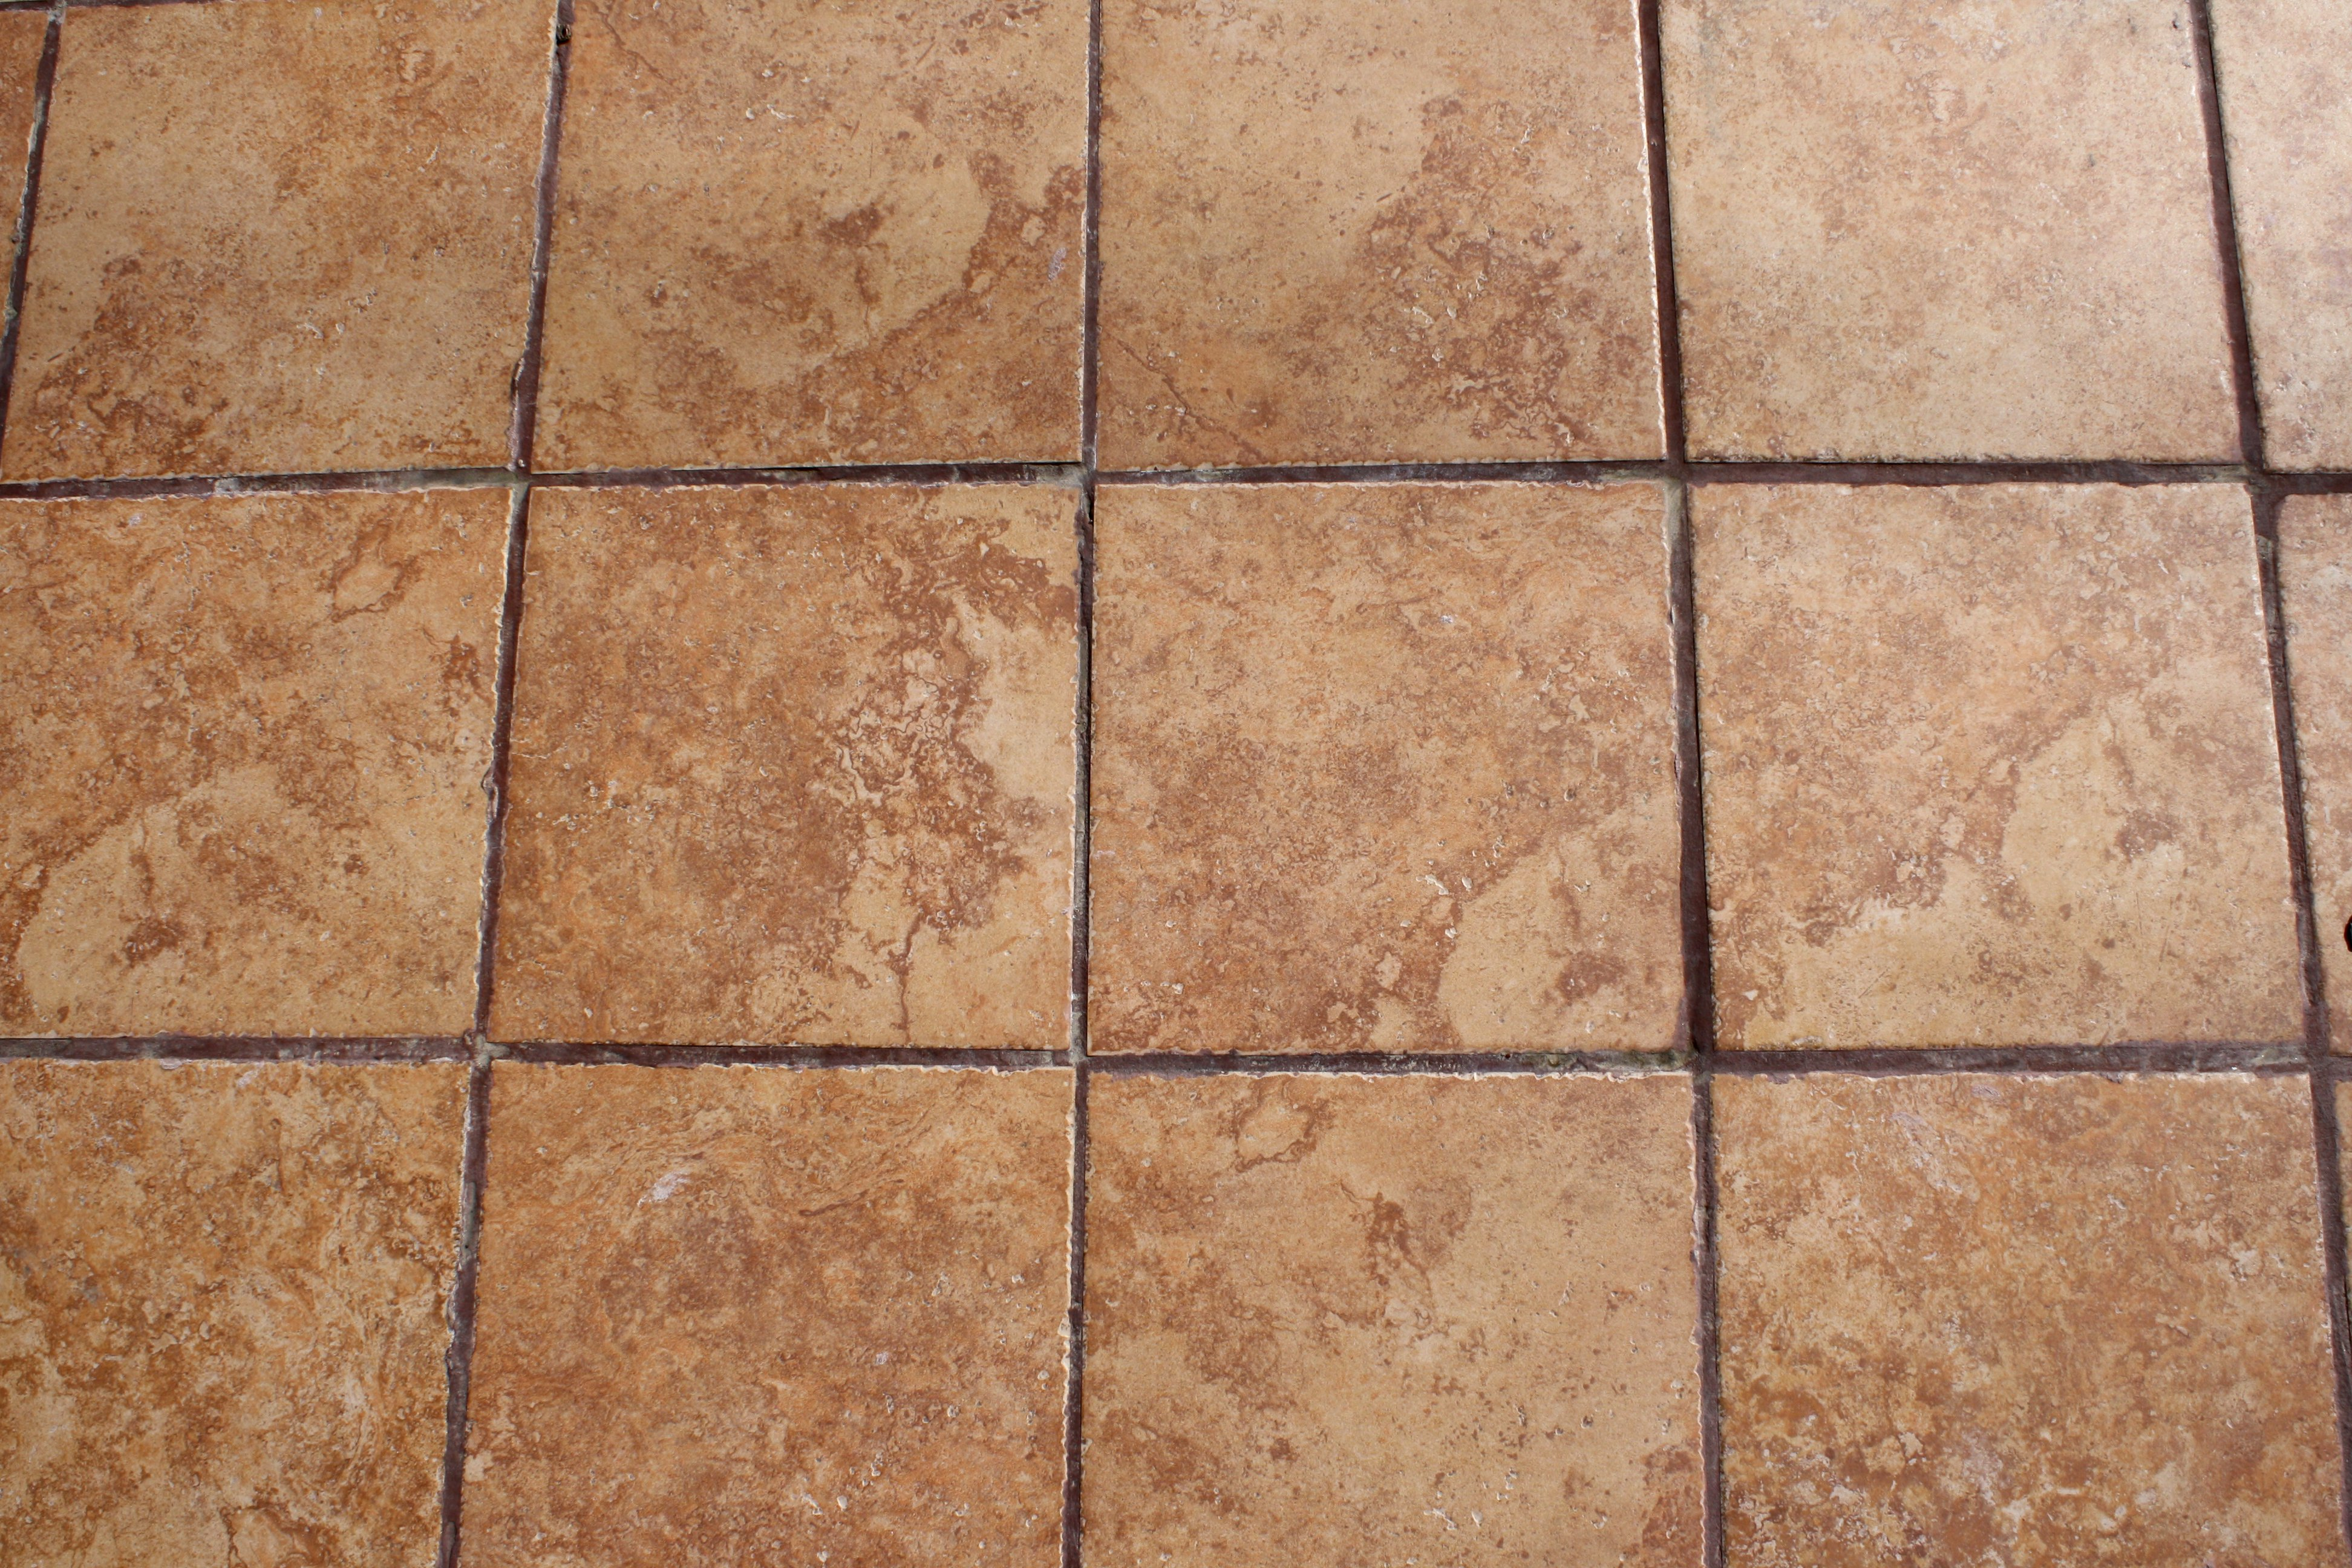 Light Brown Floor Tiles Texture Picture